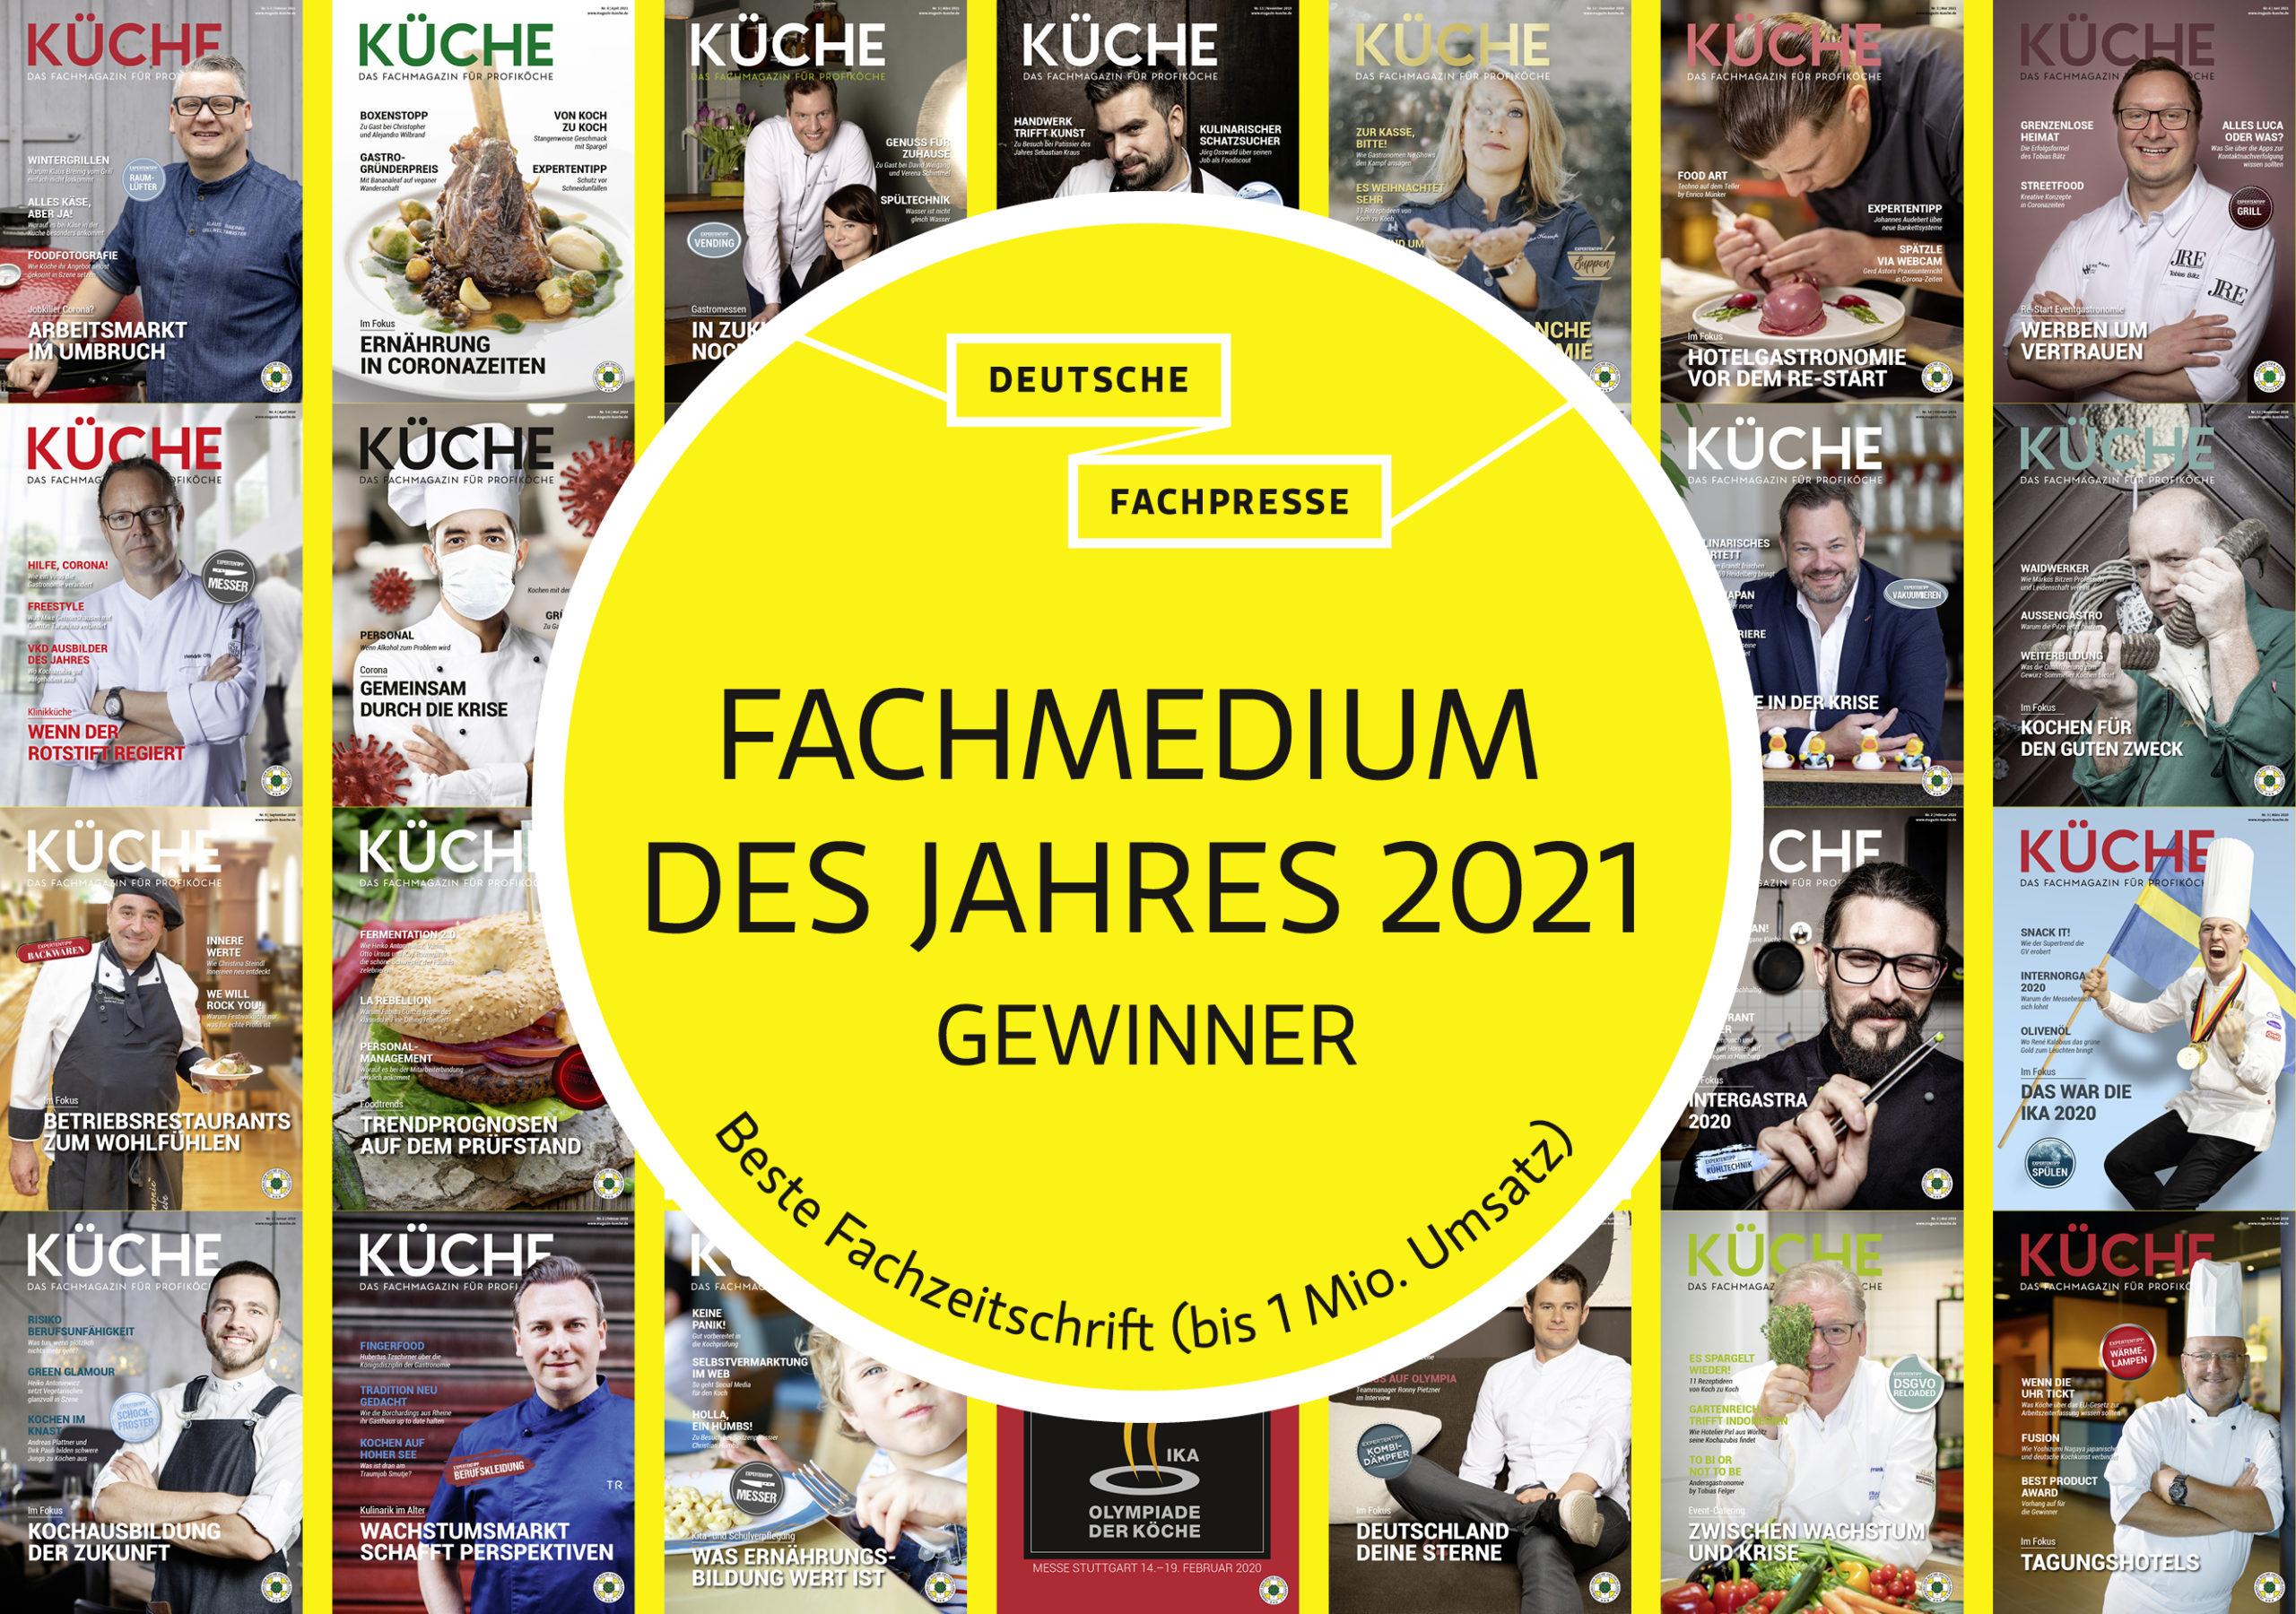 """KÜCHE – Fachmagazin für Profiköche – wurde als """"Fachmedium des Jahres 2021"""" in der Kategorie """"Beste Fachzeitschrift (bis 1 Mio. Umsatz)"""" ausgezeichnet. Foto: KÜCHE"""